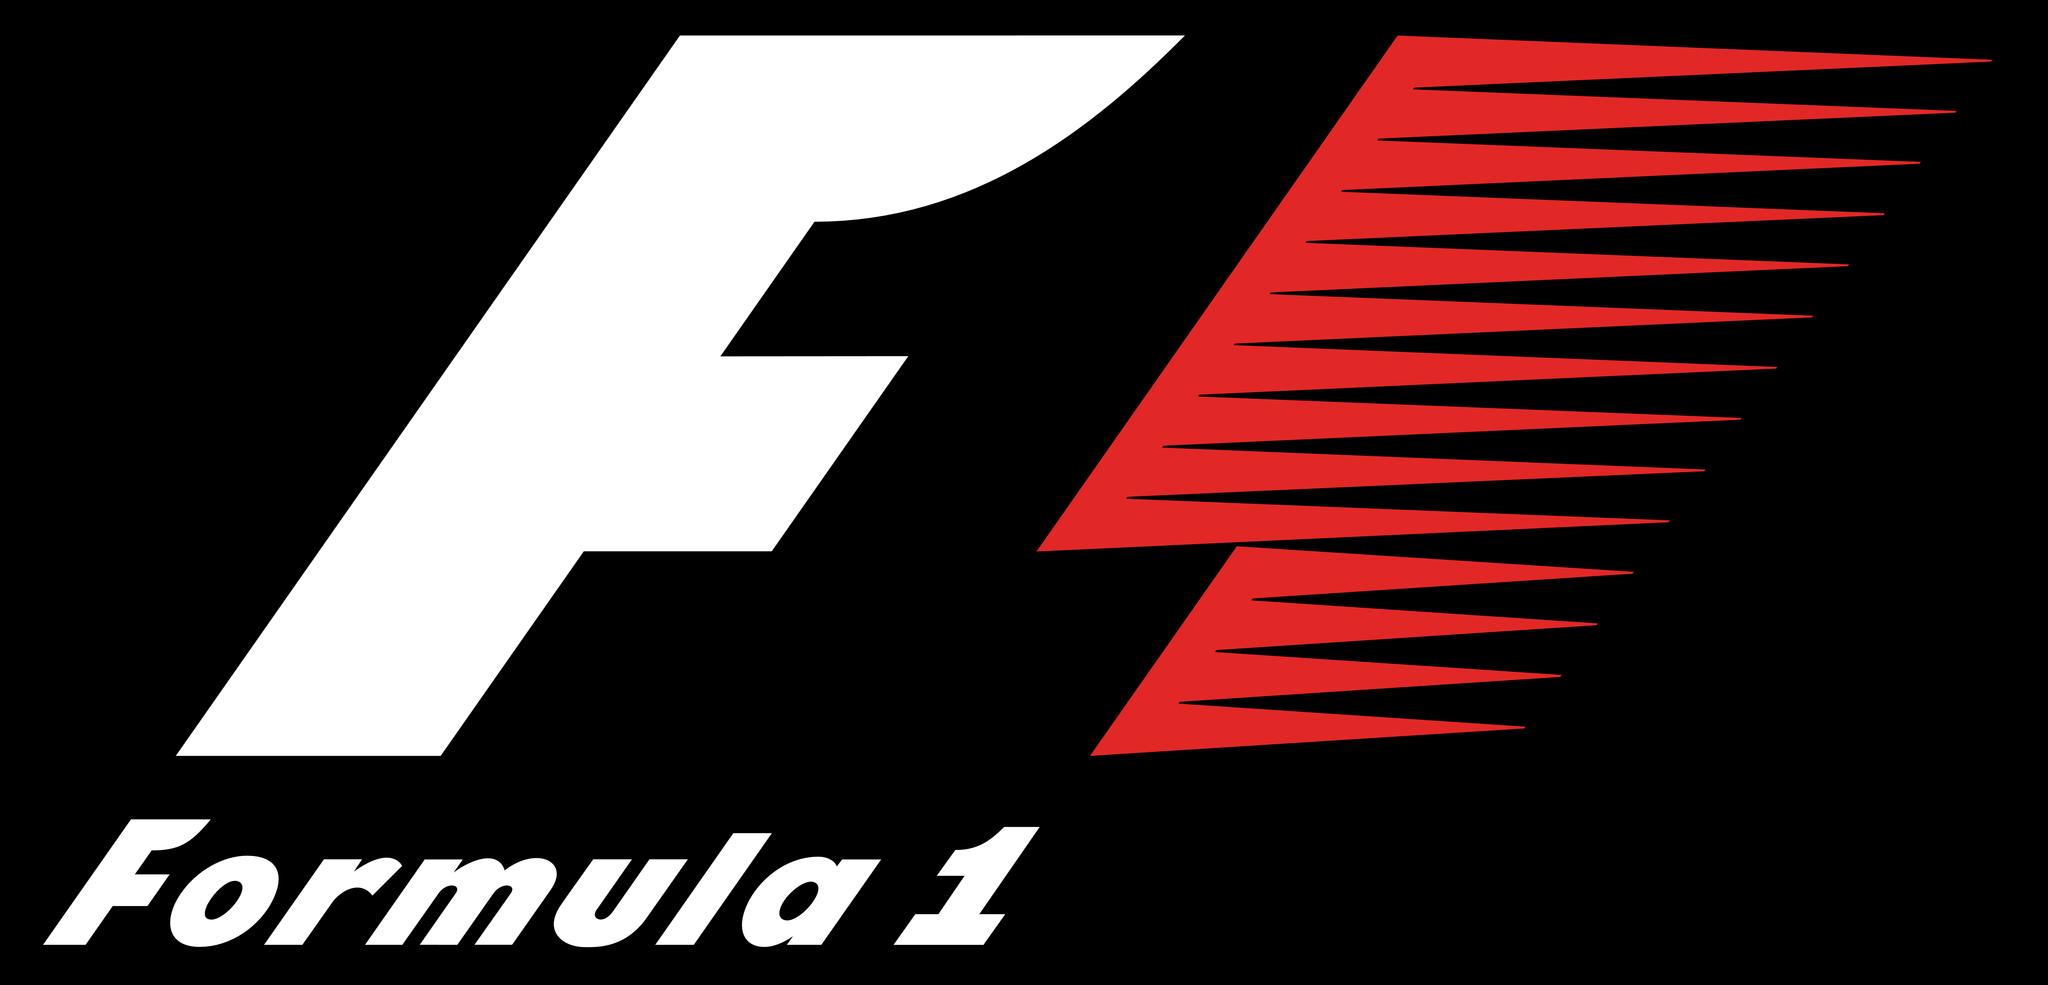 Кепки Формула 1 (Бейсболки Formula 1)